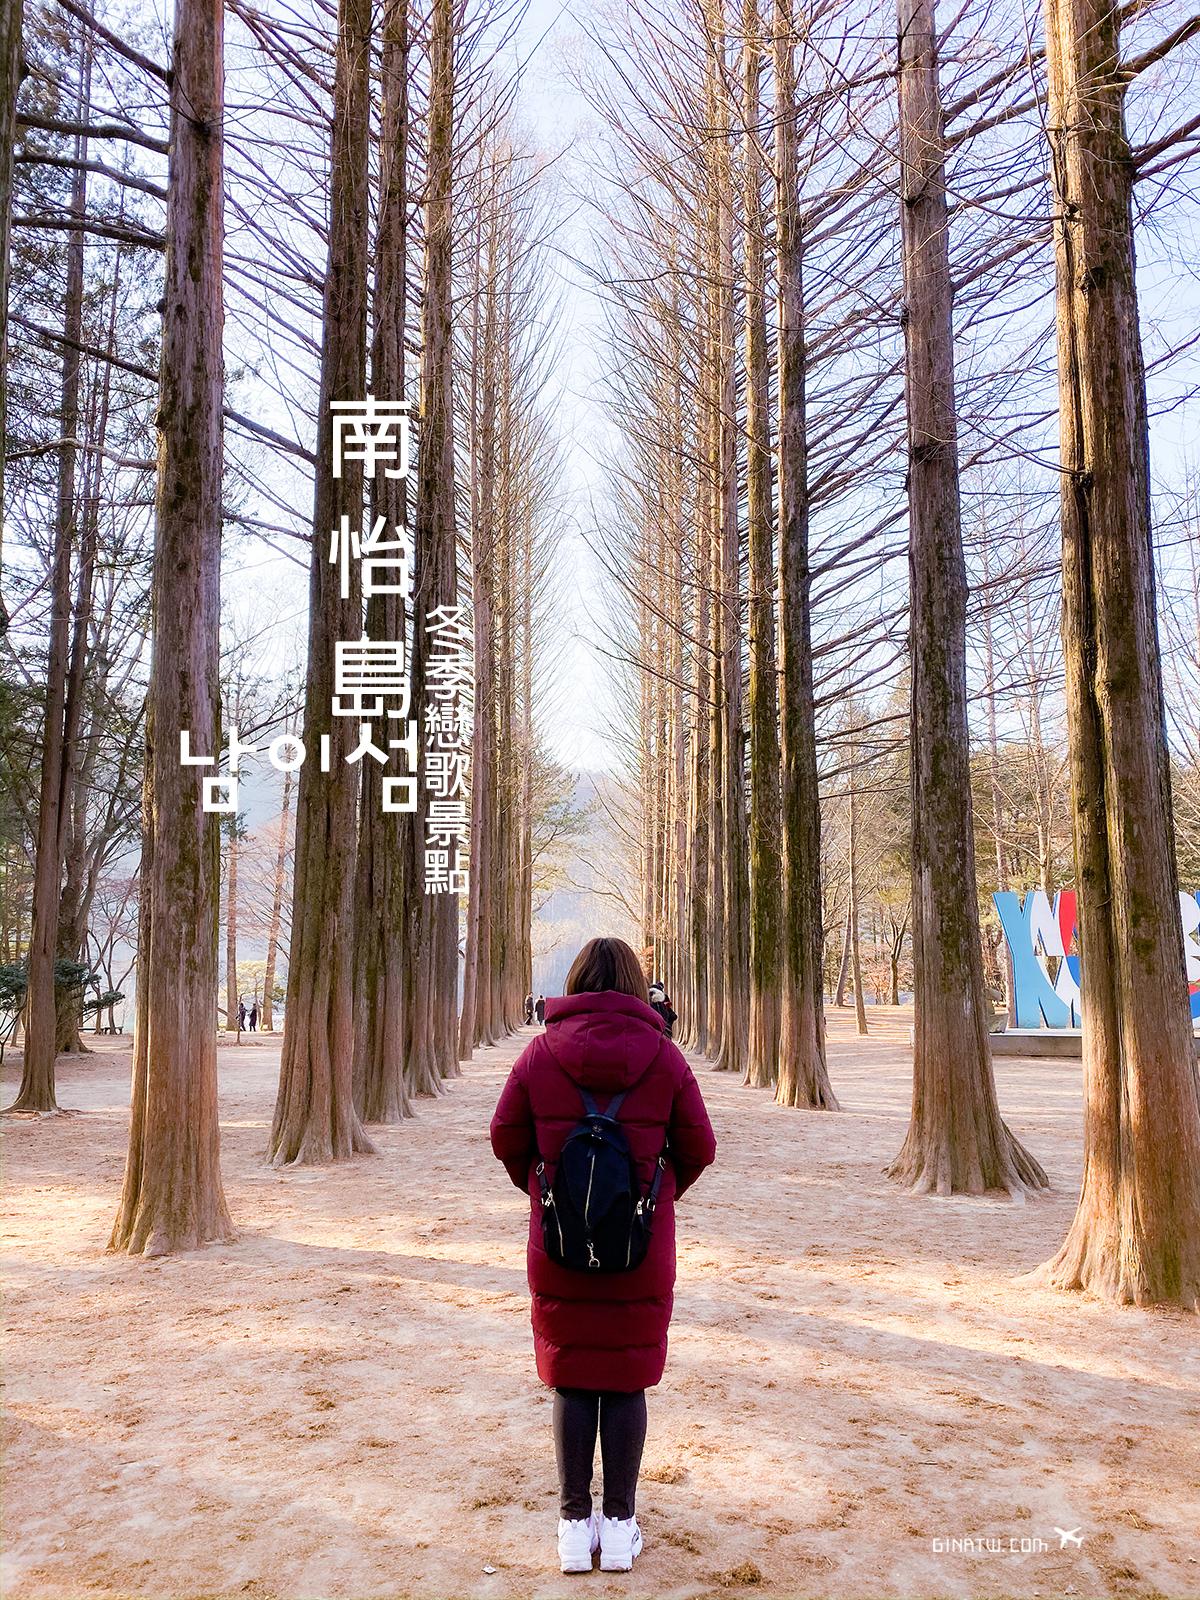 【南怡島賞楓】韓國楓葉秋天也可戀歌|搭船+超適合外拍+10月初楓葉風景美照 @GINA環球旅行生活|不會韓文也可以去韓國 🇹🇼